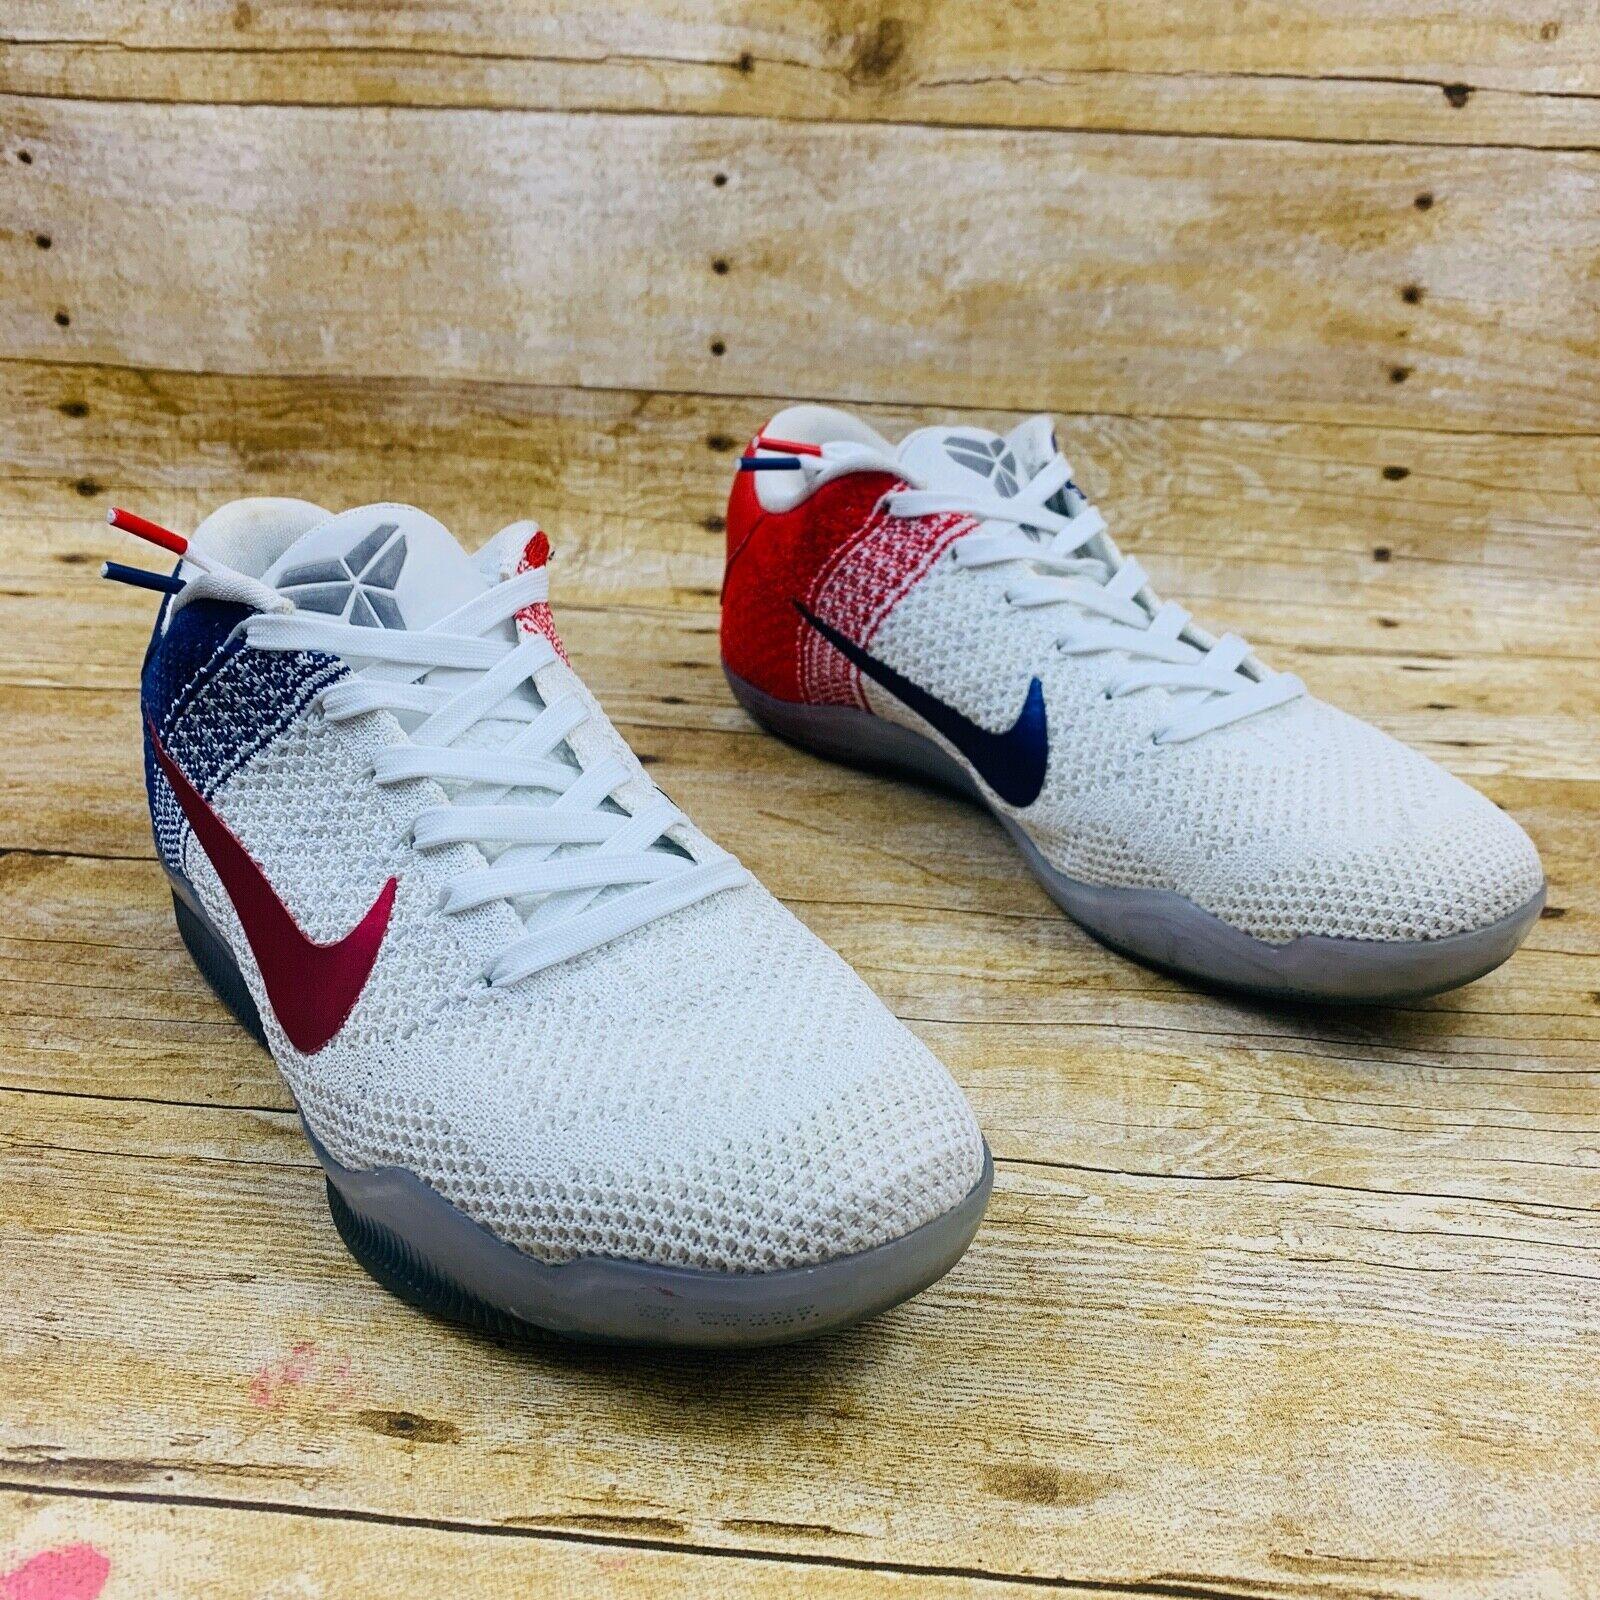 Nike Kobe XI 11 Elite Low USA Home 4th